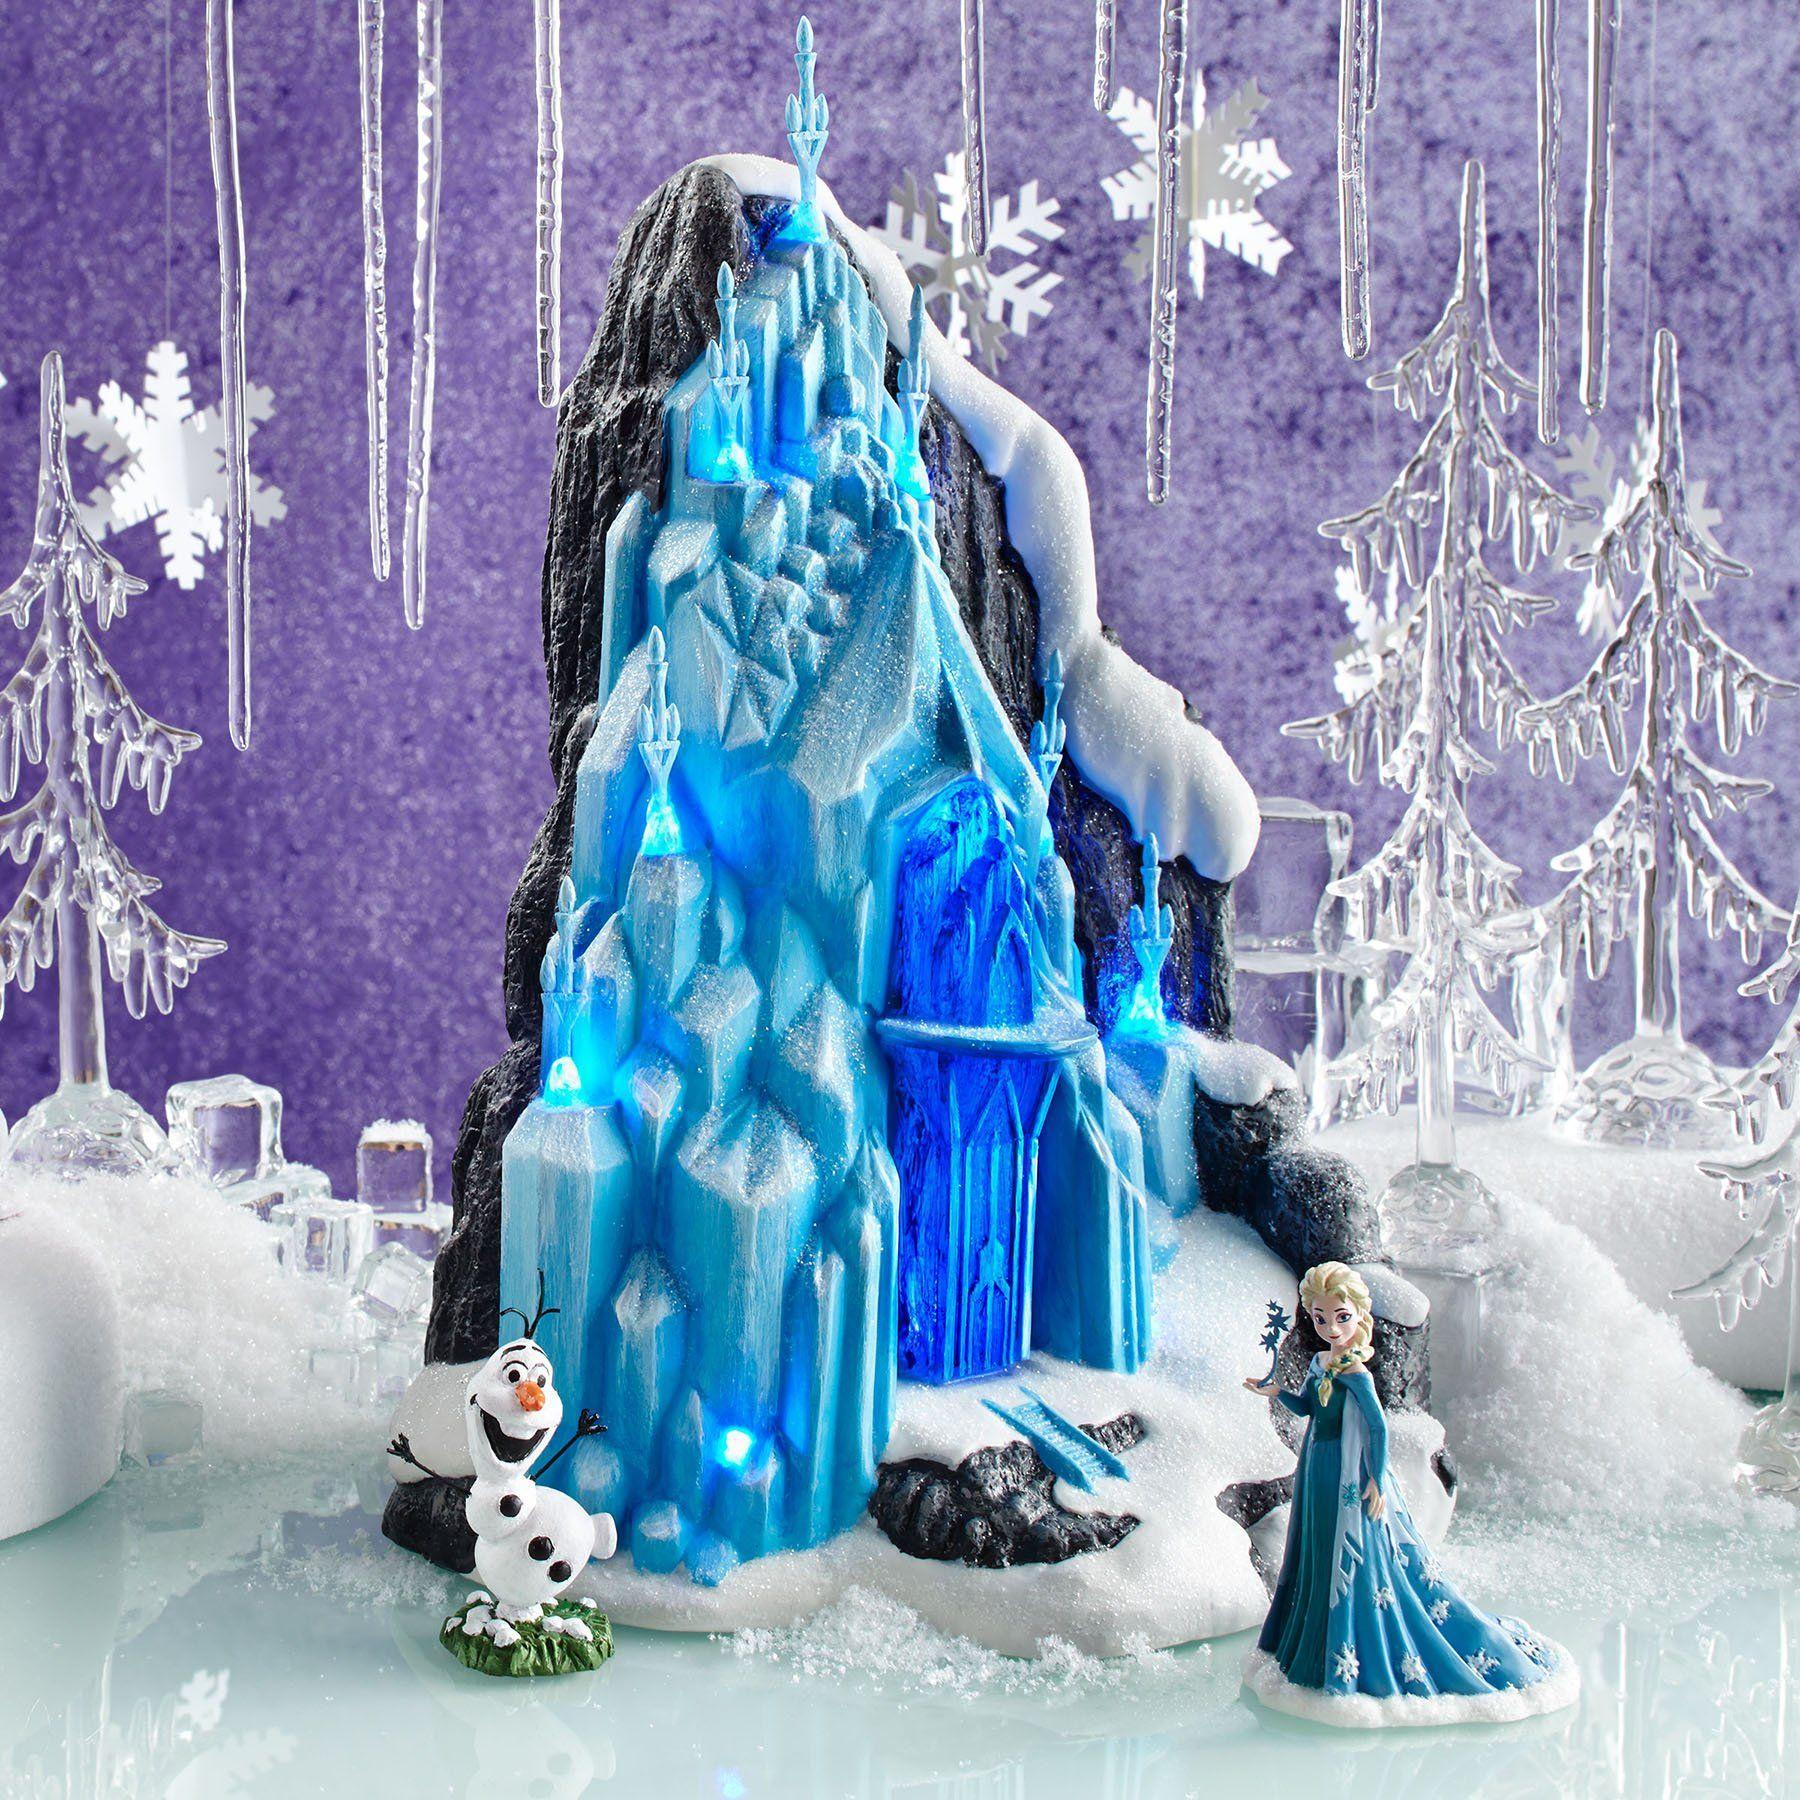 Department 56 Disney Village Frozen Elsas Ice Palace Lit